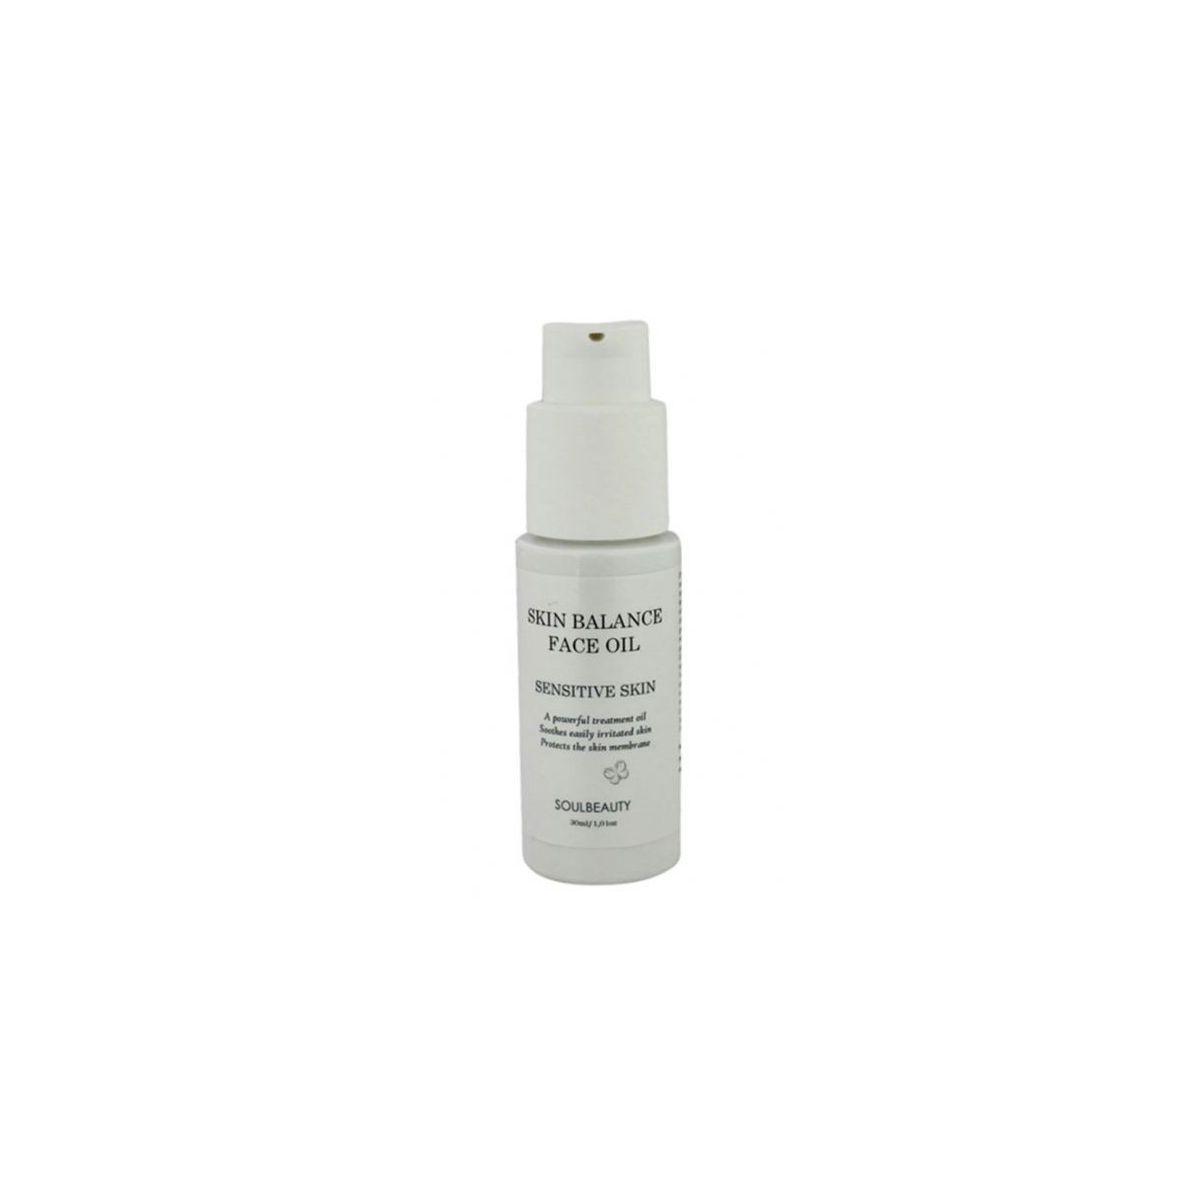 Skin Balance Face Oil - sensitive skin